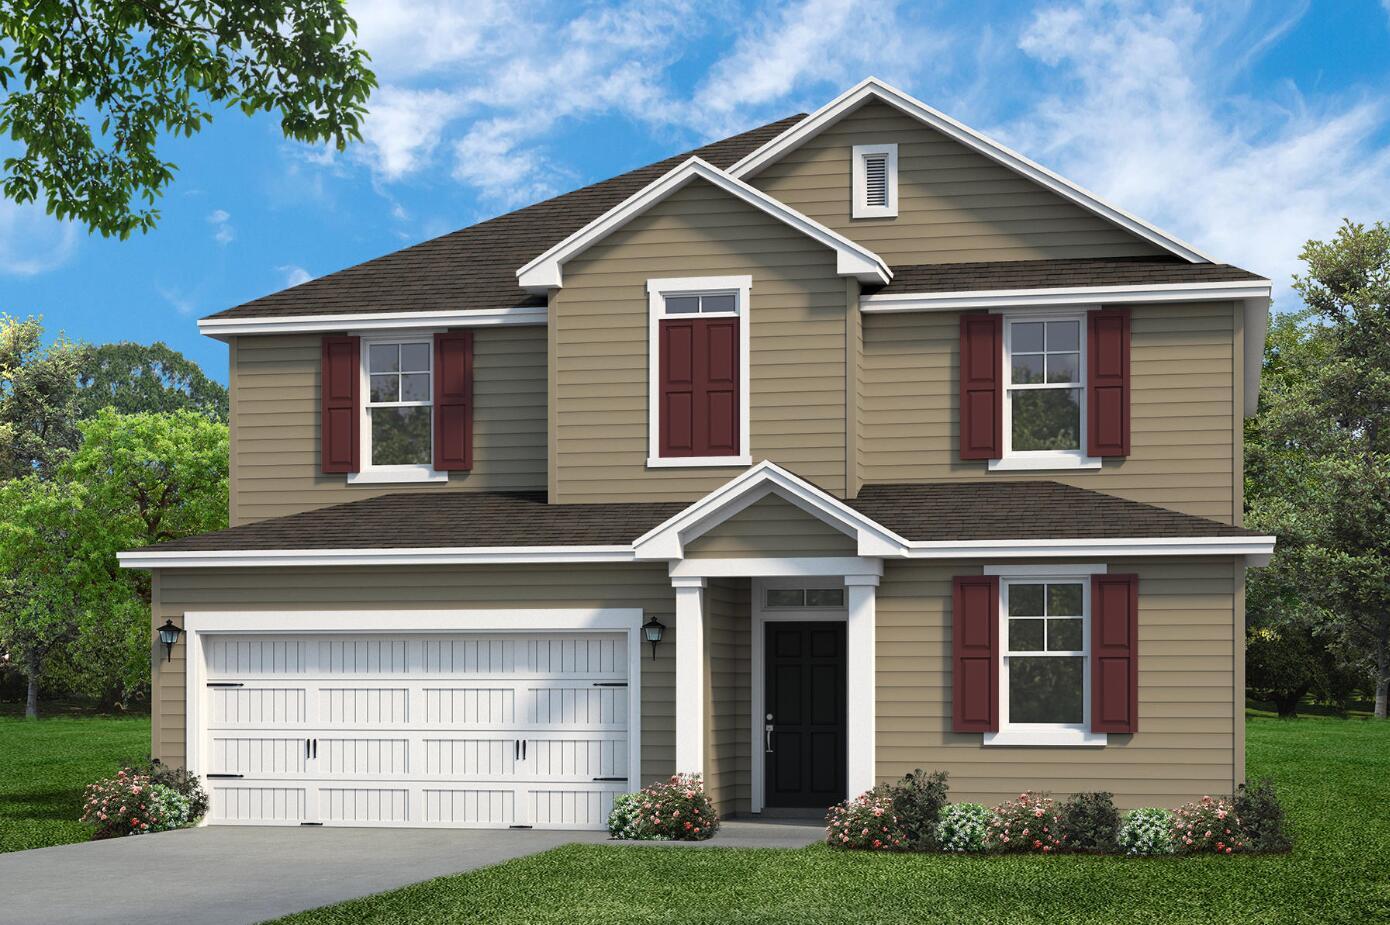 Lincolnville Square Homes For Sale - 718 Mason, Summerville, SC - 0